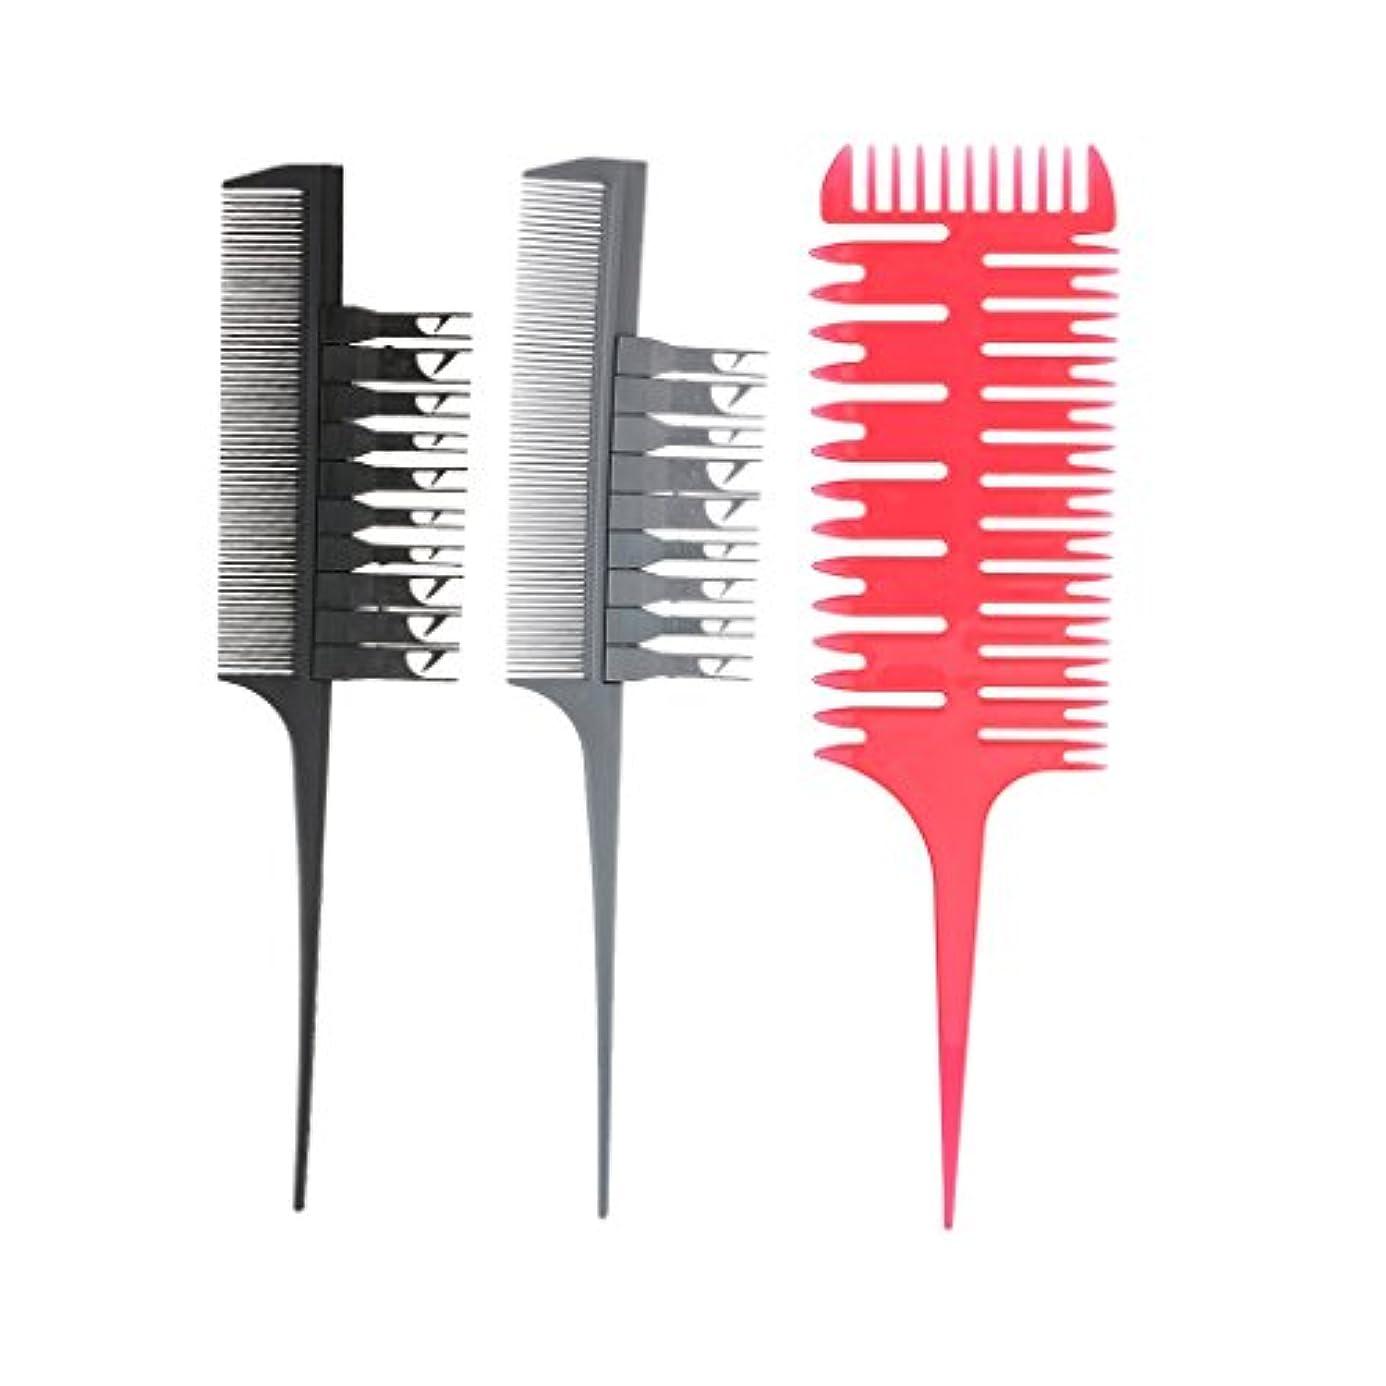 誓約有能な代わりにGeneric 3ピースプロフェッショナル理髪セクショニング織りハイライトカラーリングサロン染色バレヤージュヘアコームツールセット付き交換可能ピックアップフック